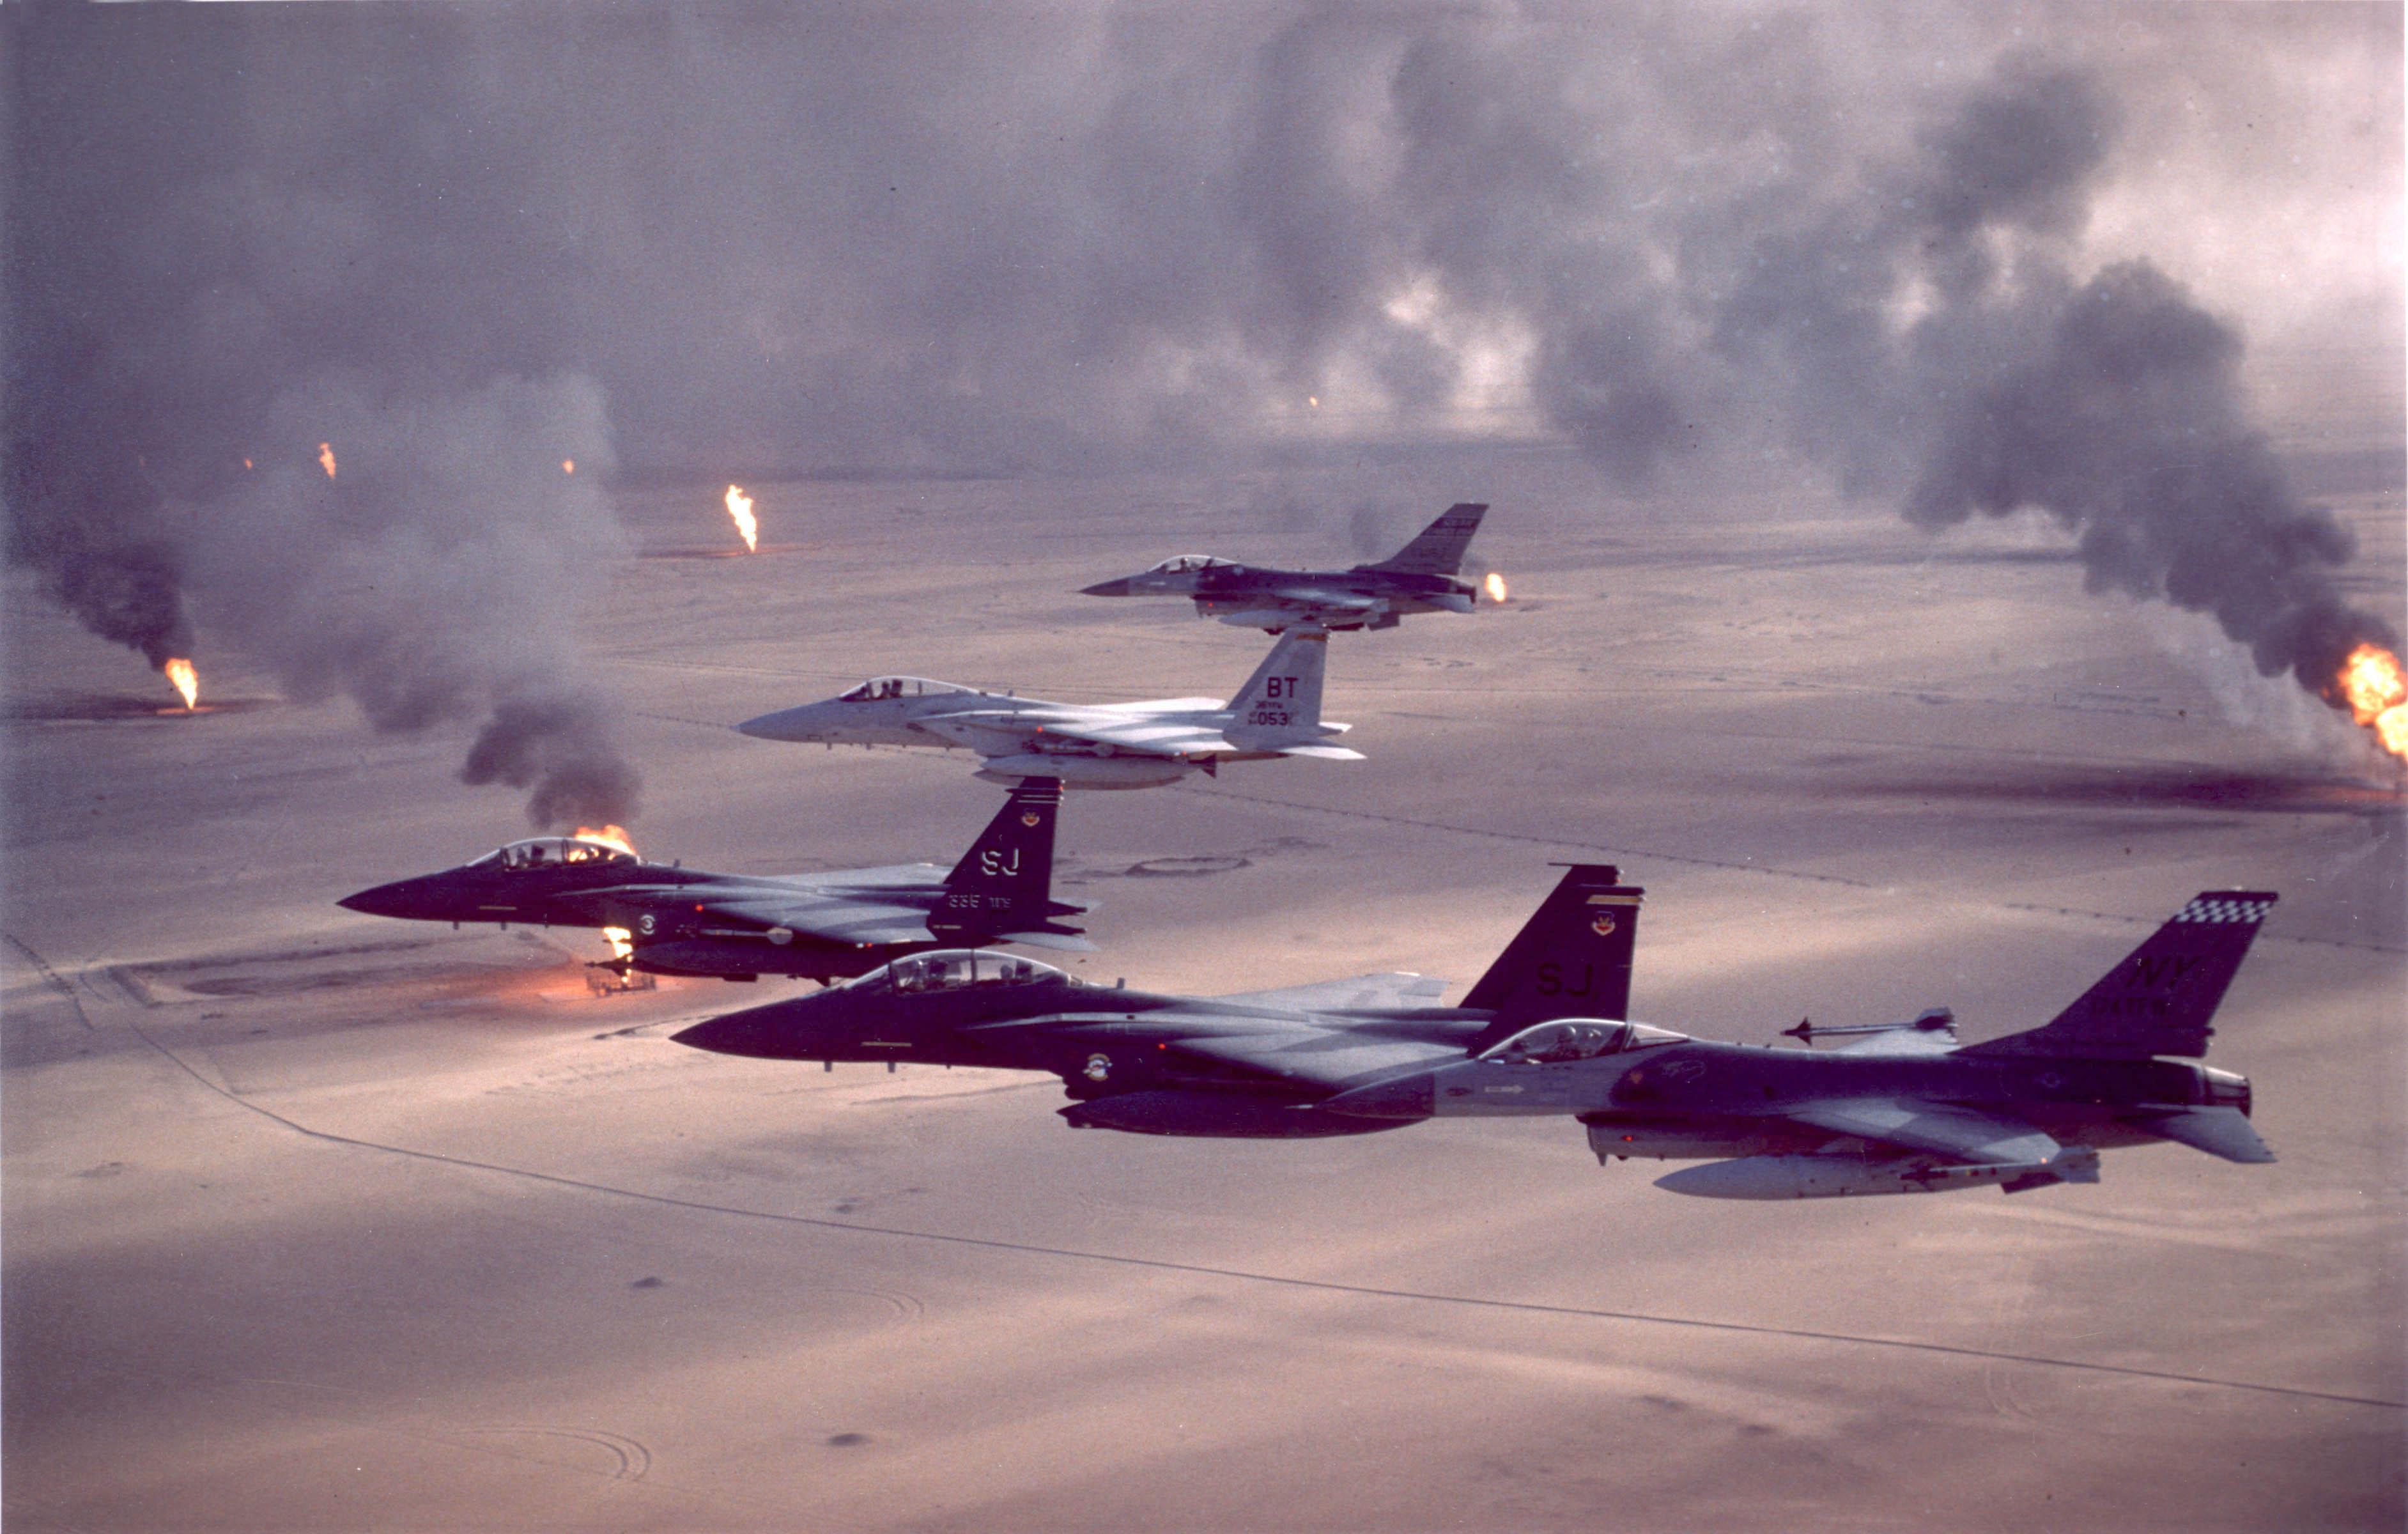 USAF letouny ve Válce v Perském Zálivu